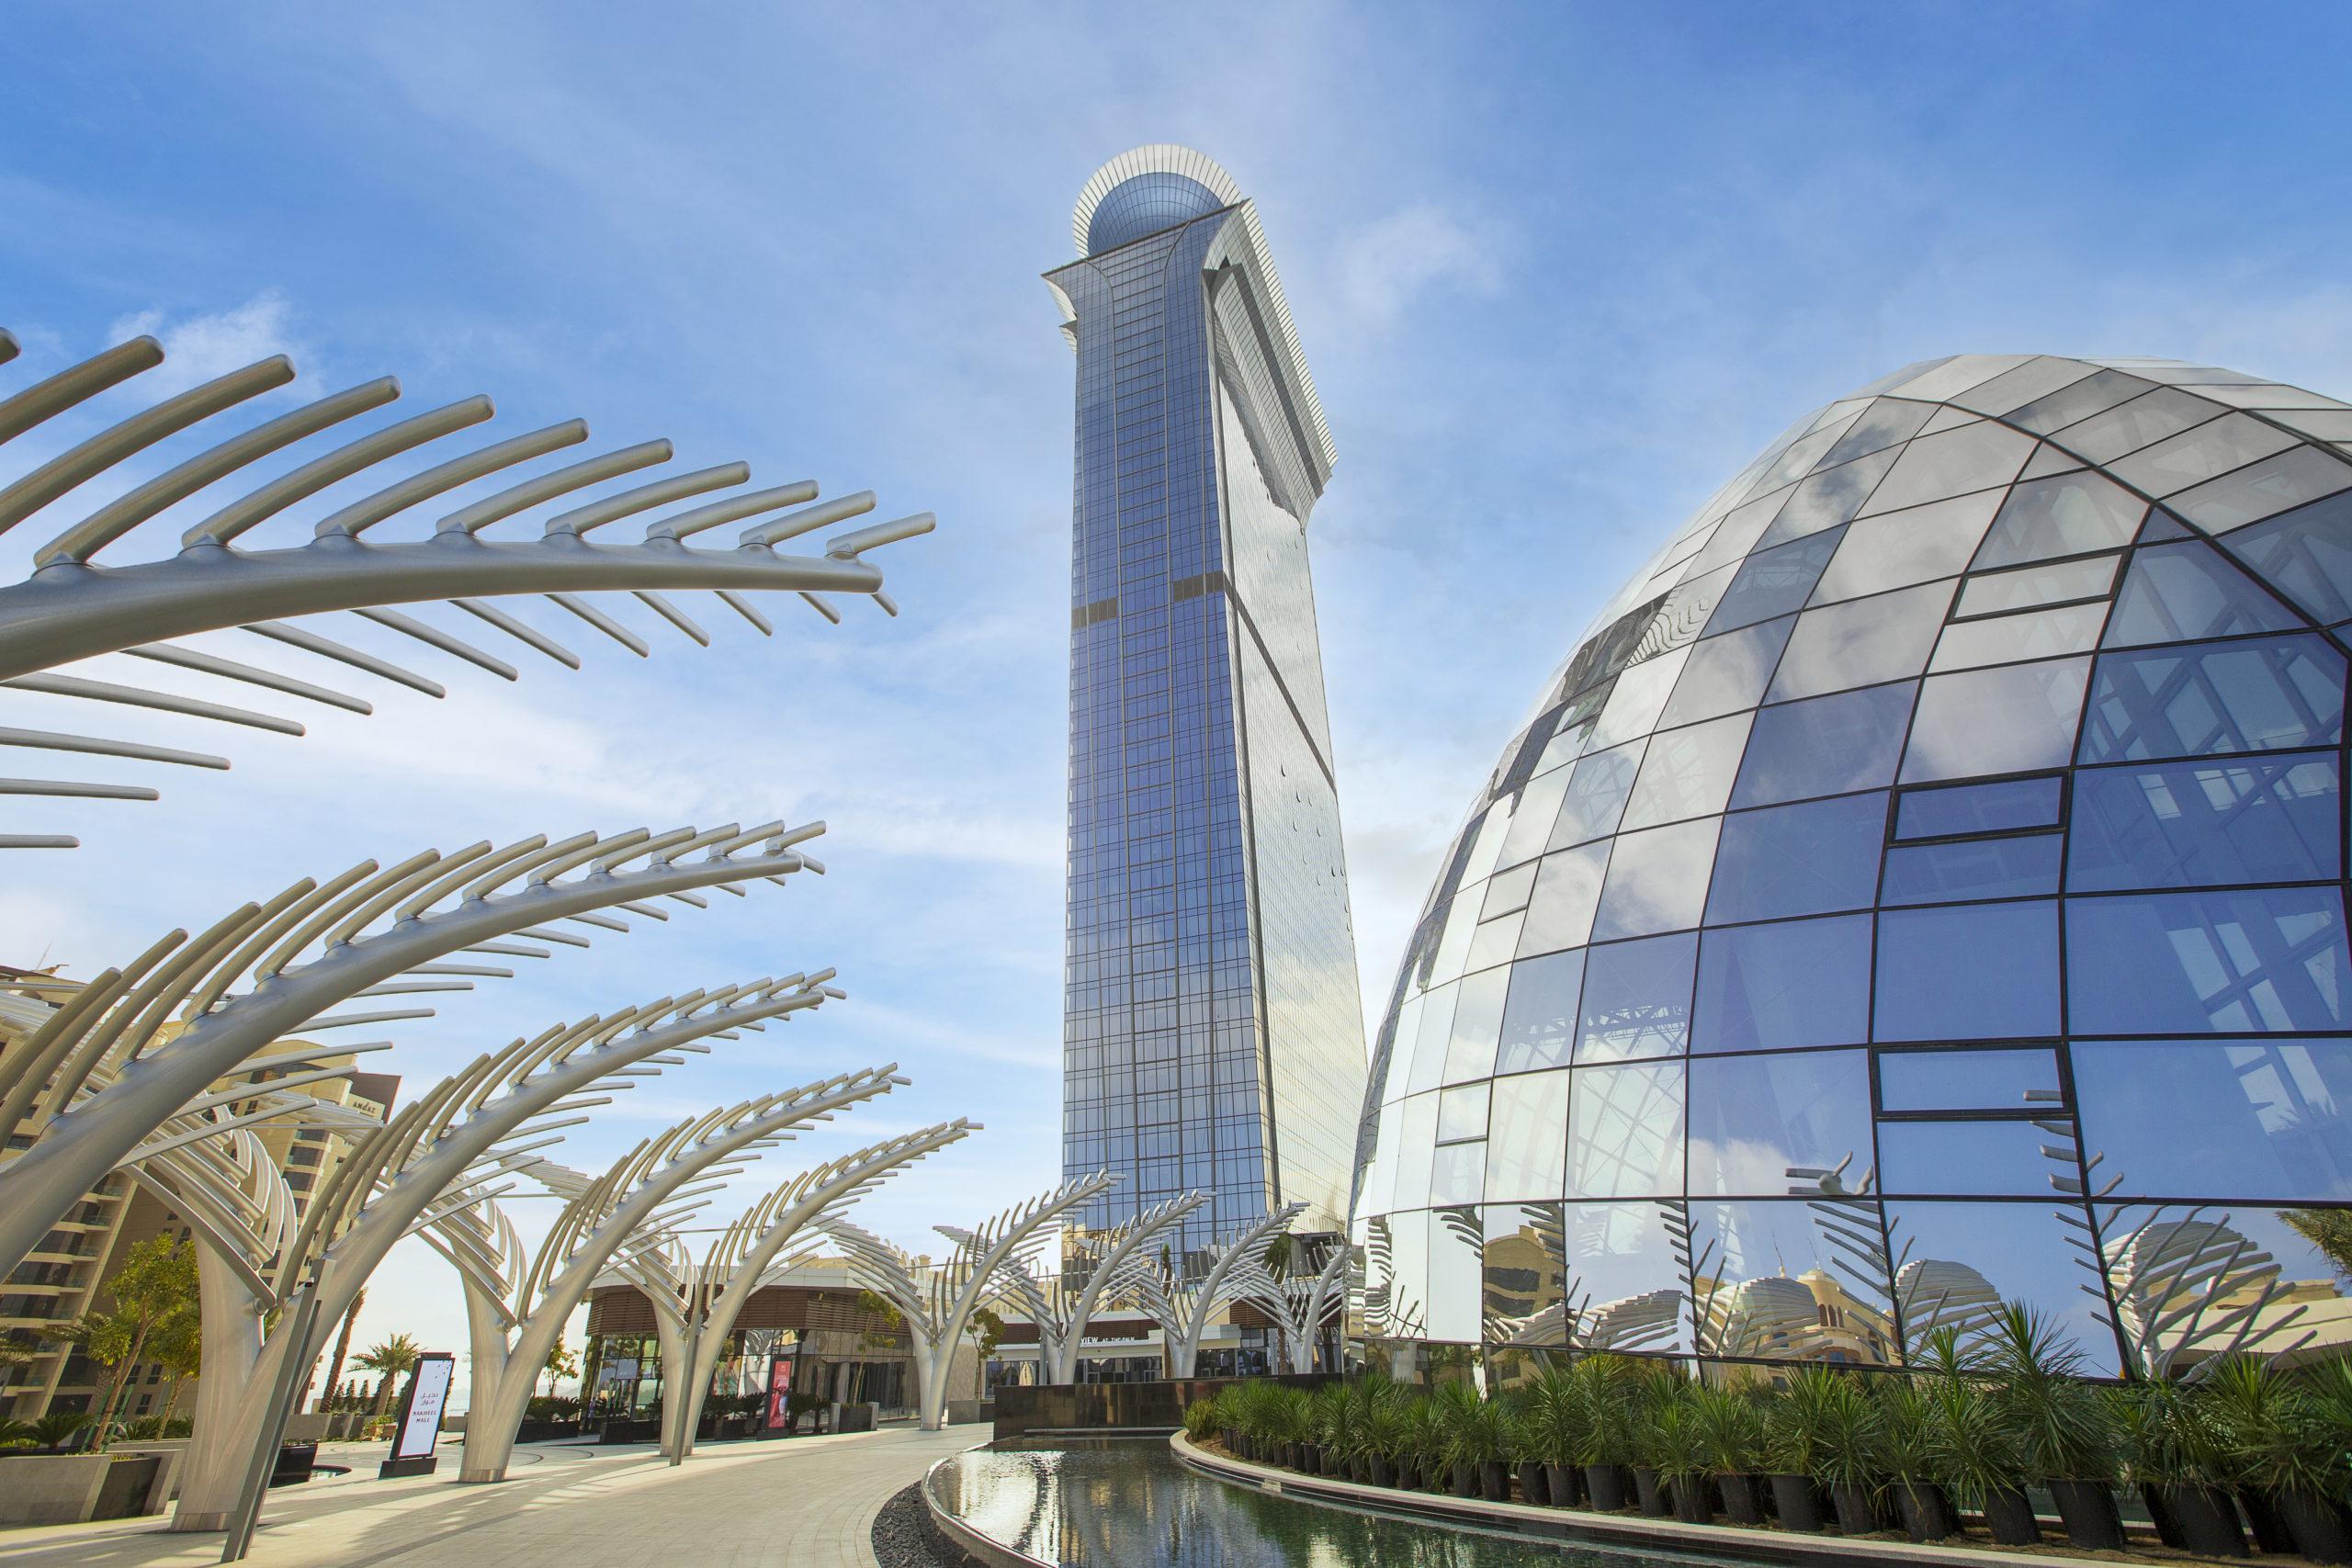 The St. Regis Dubai The Palm